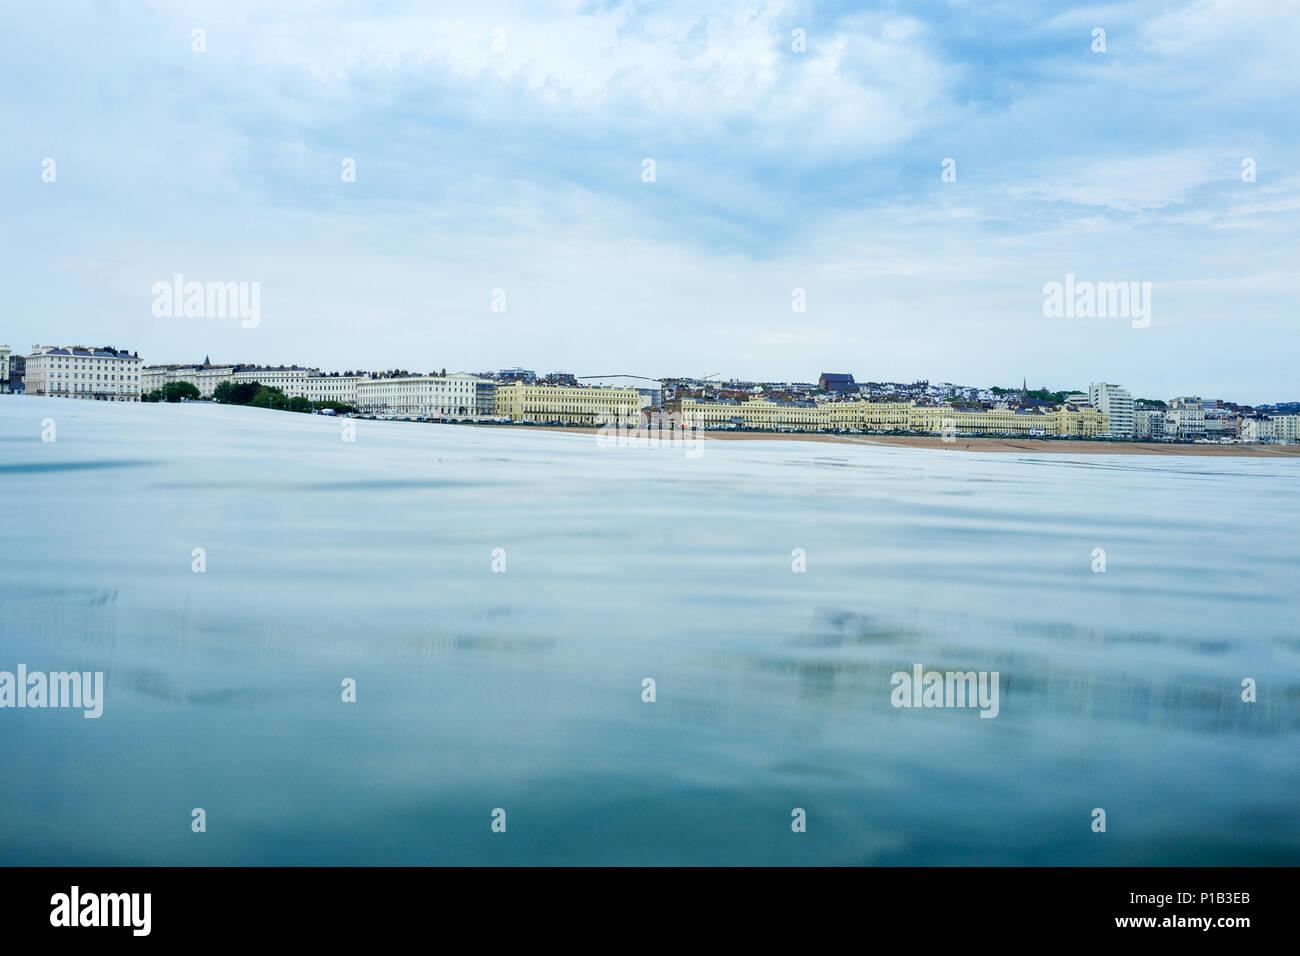 Brighton Seafront View Point vom Meer, an der Unterseite ist eine ruhige Glas wie flache Meer in der Mitte ist die Skyline von Brighton, Großbritannien, mit dem ich 360 vie Stockbild